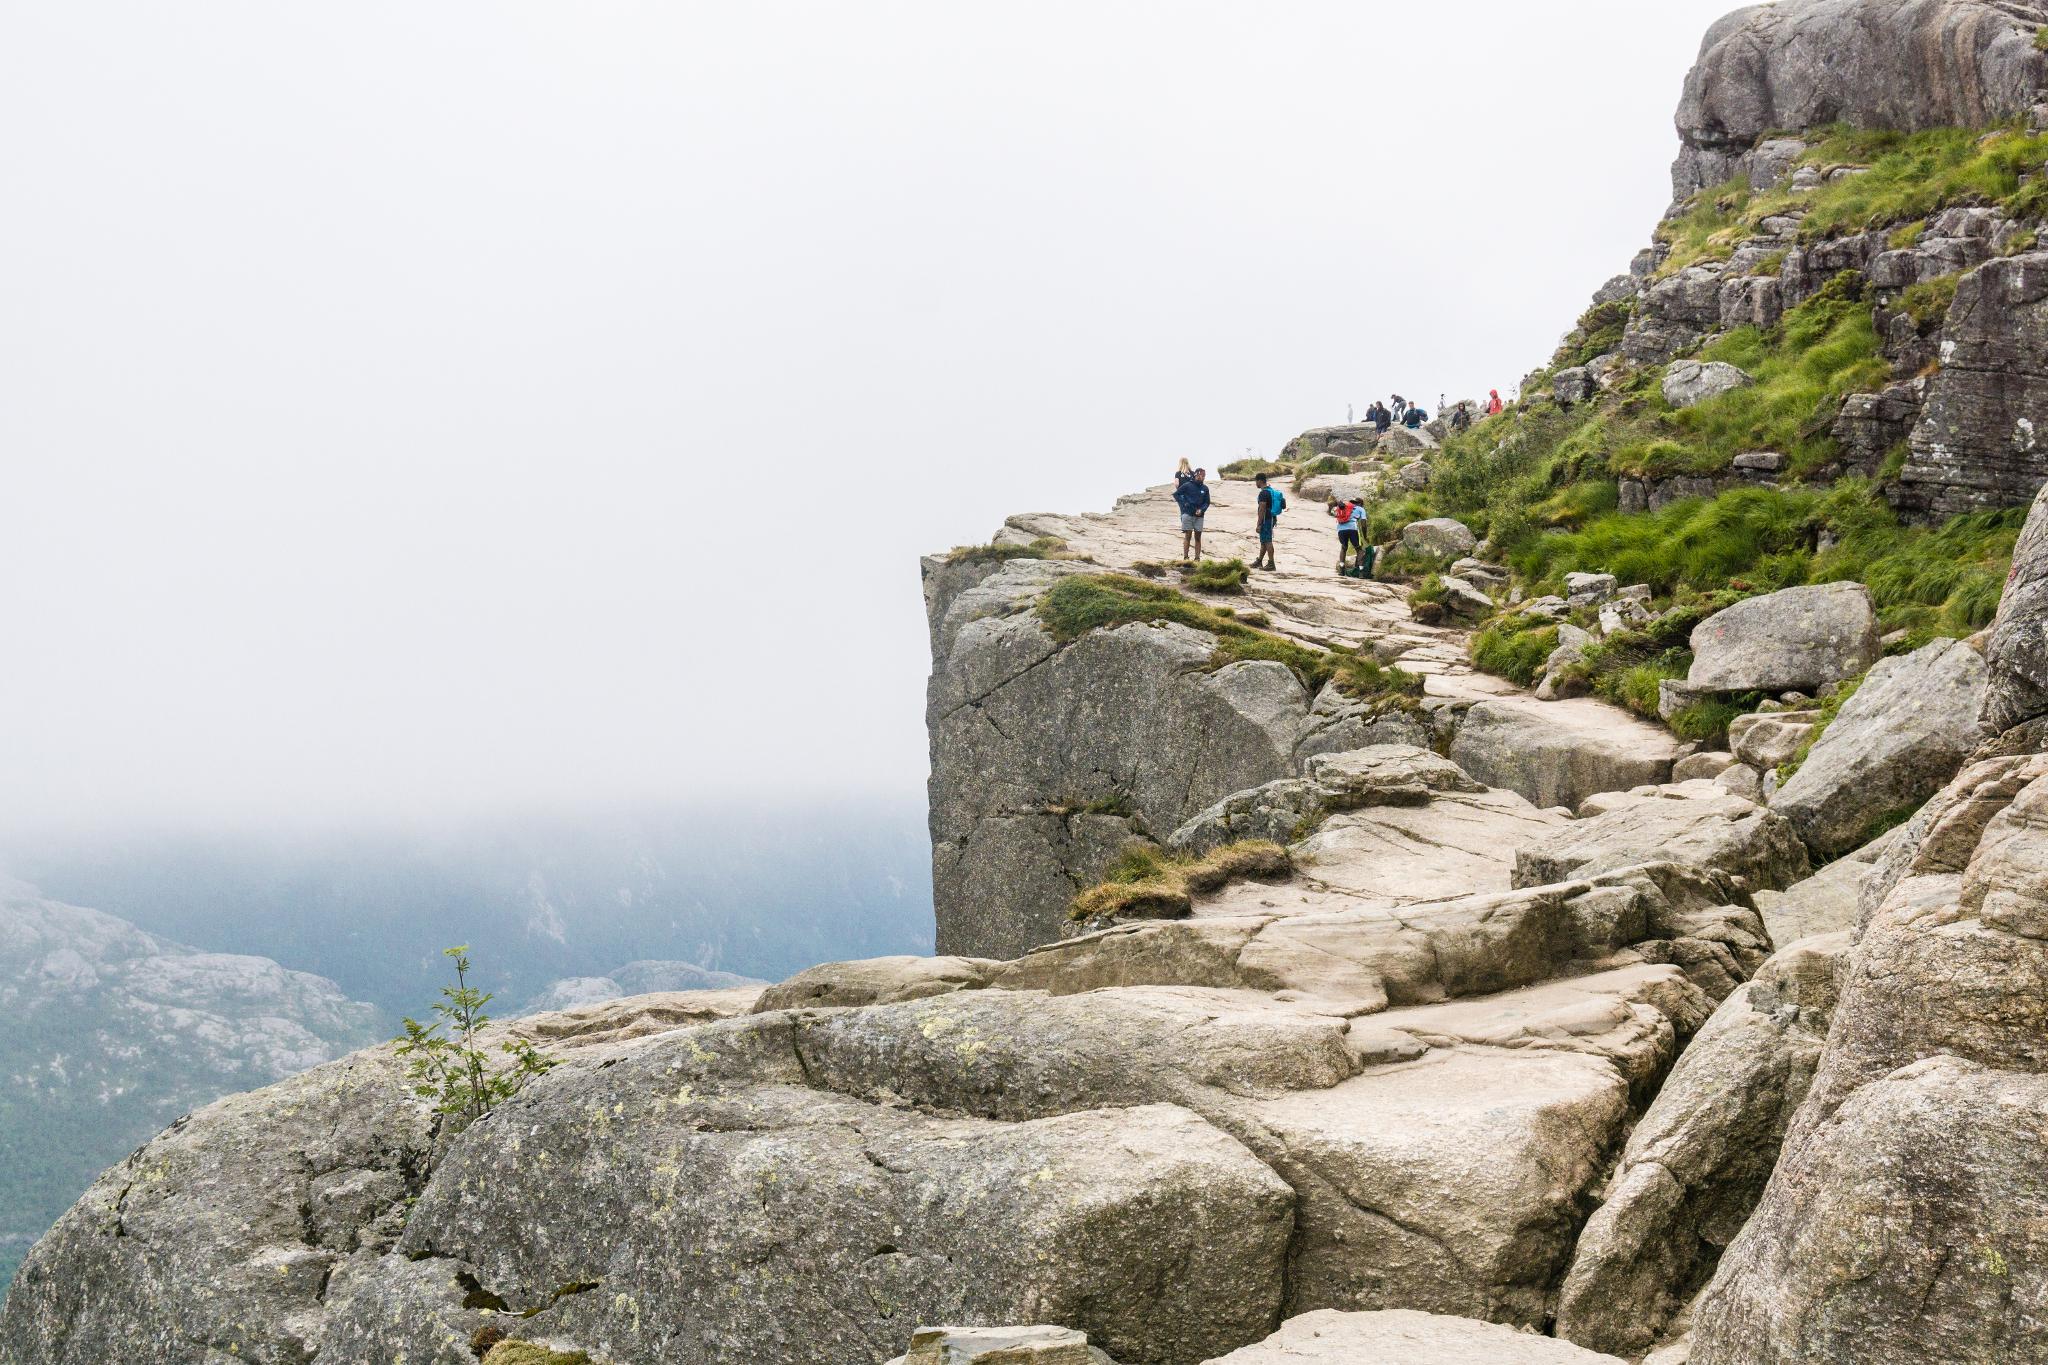 【北歐景點】朝聖挪威三大奇岩:聖壇岩Preikestolen健行紀錄 15